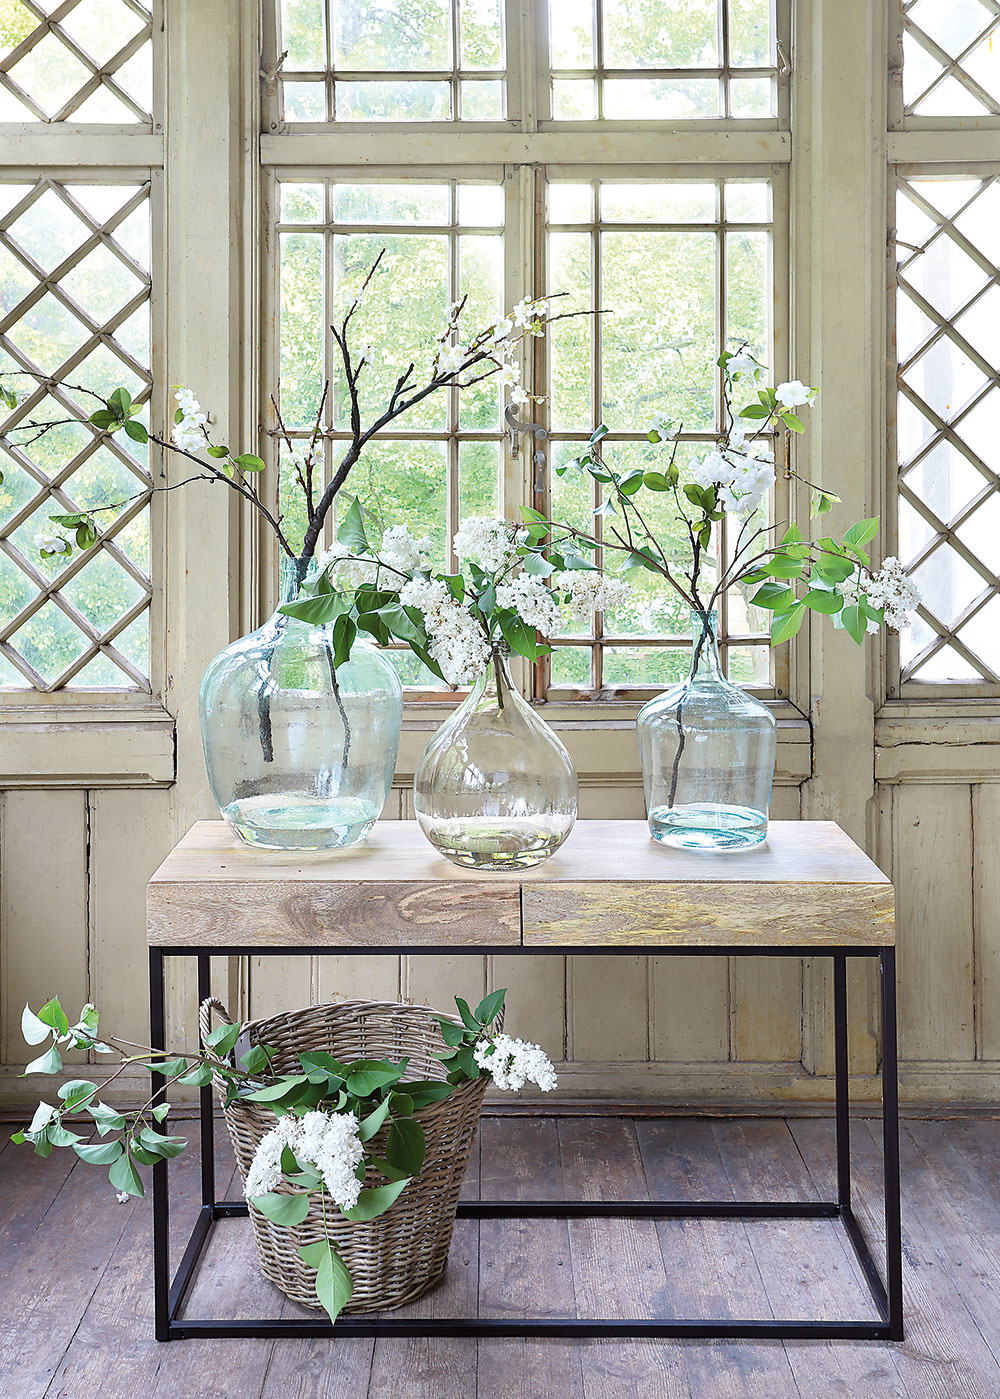 Zbierka demižónov na loftovom stolíku interiéru určite neuškodí anijako nenarúša ani pohľad na drevenú konštrukciu verandy.